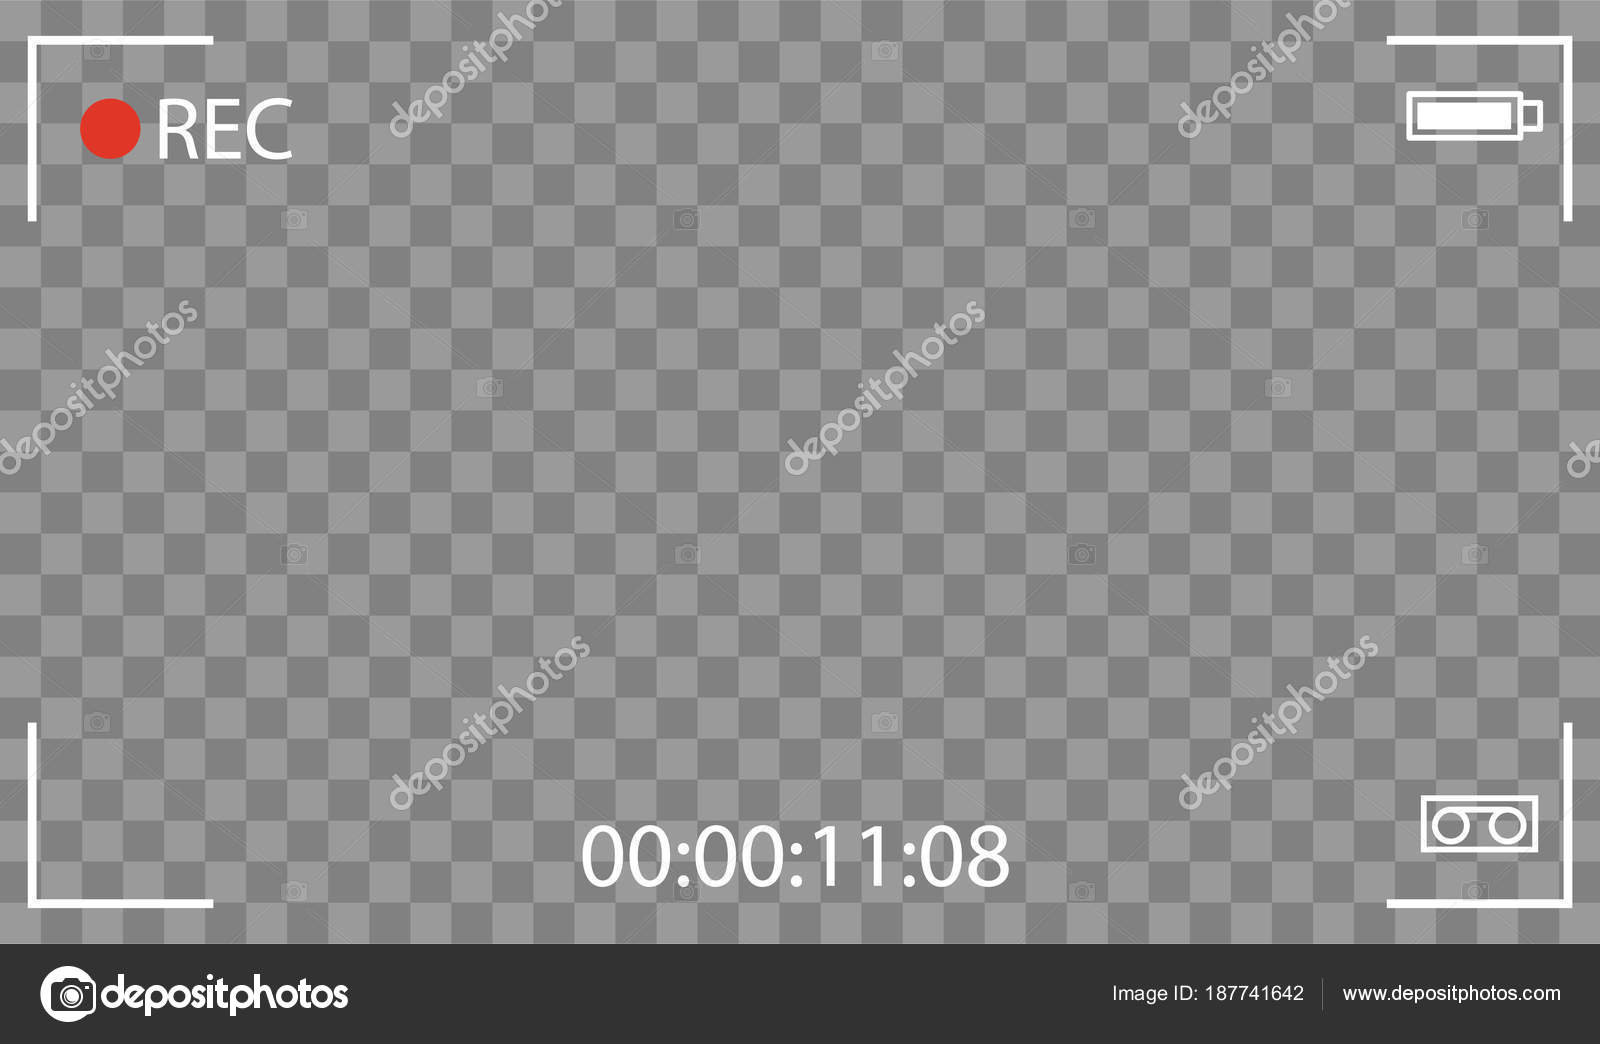 Vector negro transparente rec interfaz visor cámara con los ajustes ...